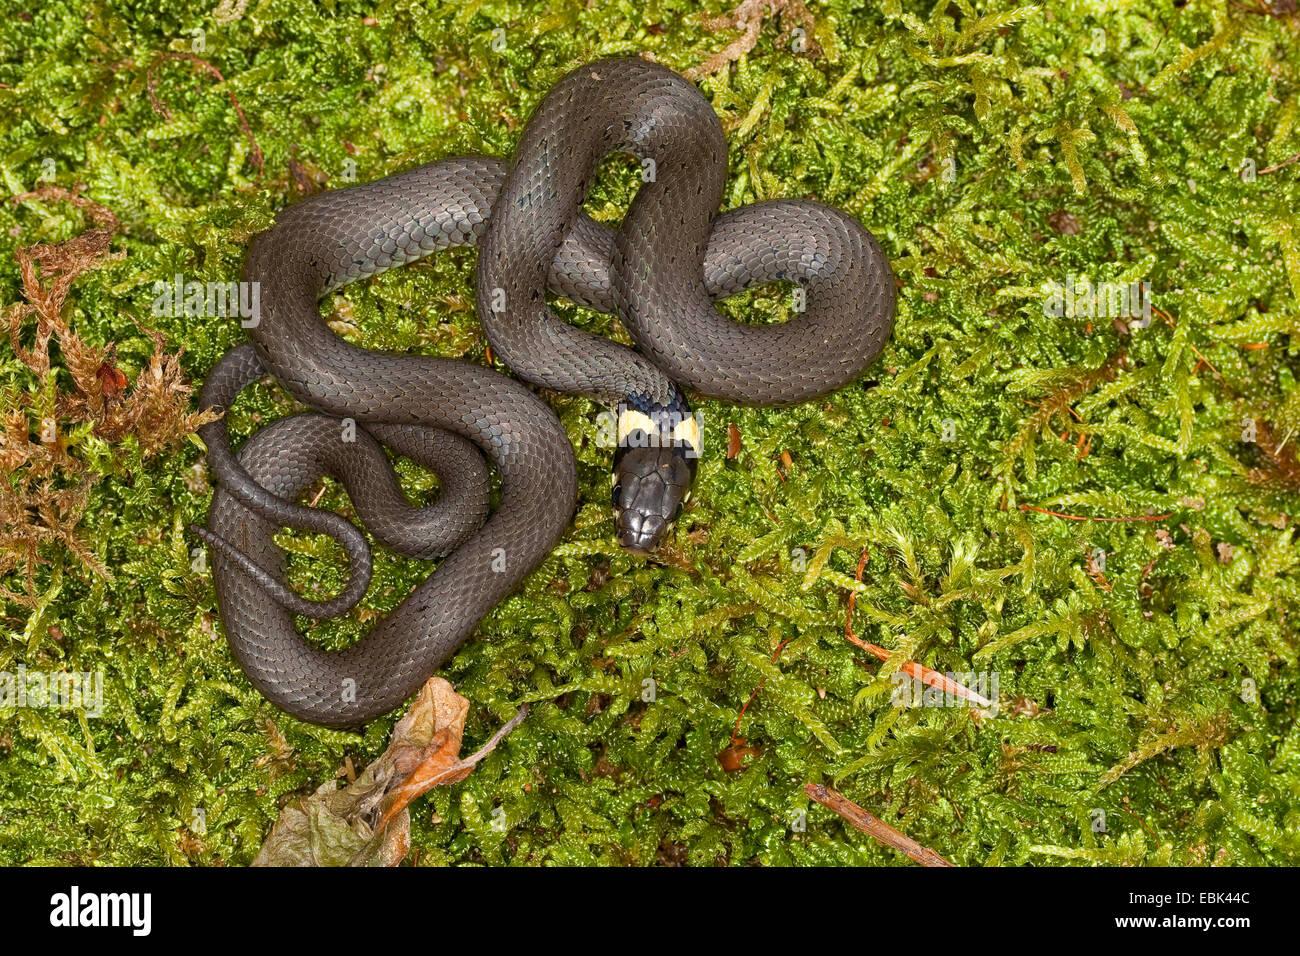 grass snake (Natrix natrix), lying on moss, Germany Stock Photo